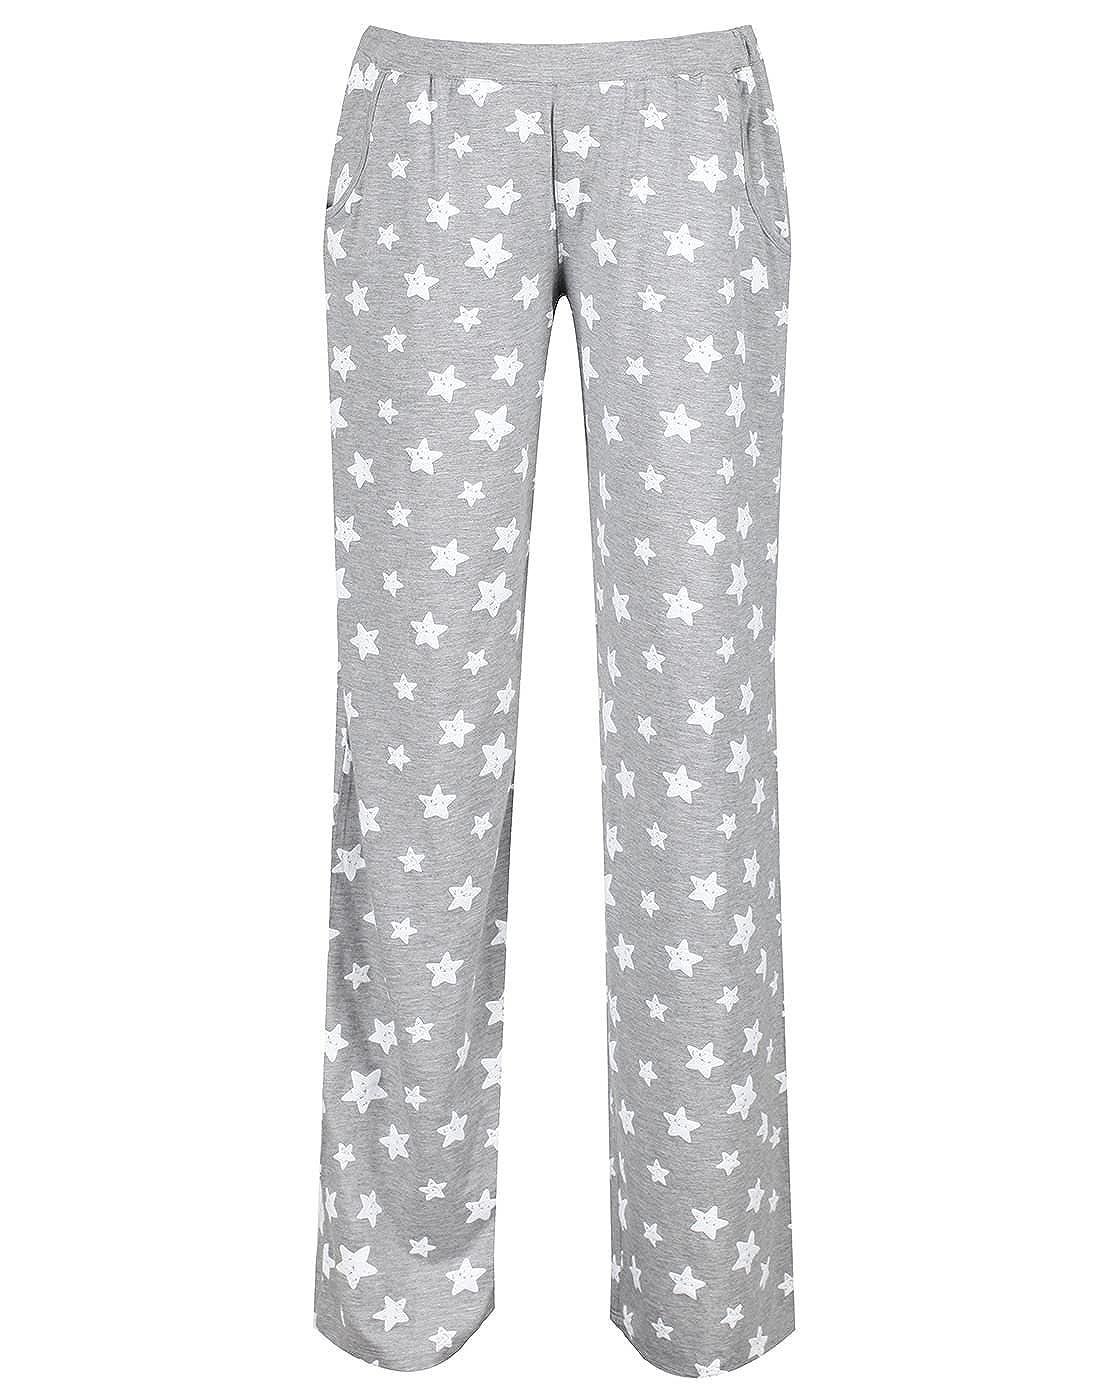 The Essential One - Mujeres Maternidad / Lactancia Pijamas Estrella - Gris - EOM213: Amazon.es: Ropa y accesorios